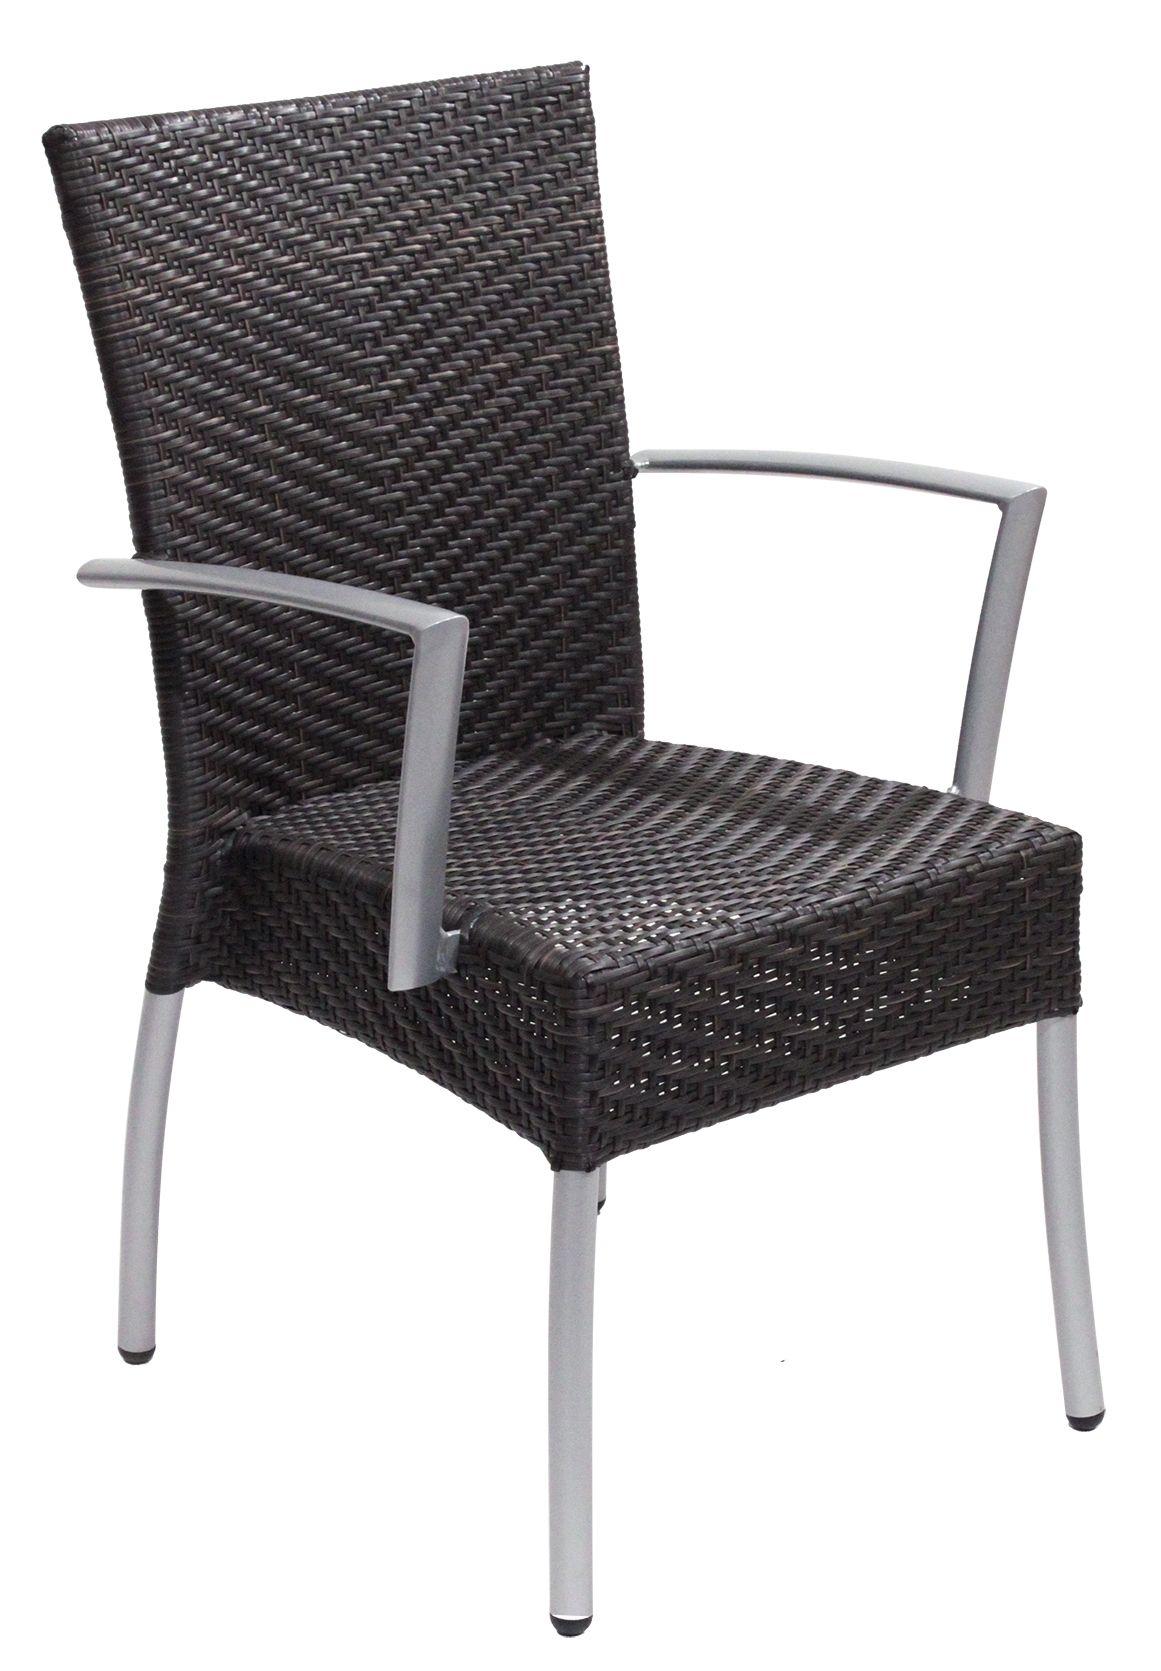 Bridge Solea Tresse Usage Interieur Exterieur Chaise Chair Chaiseempilable Terrasse Mobilierjardin Outdoorindoo Mobilier Jardin Mobilier Chaise Empilable